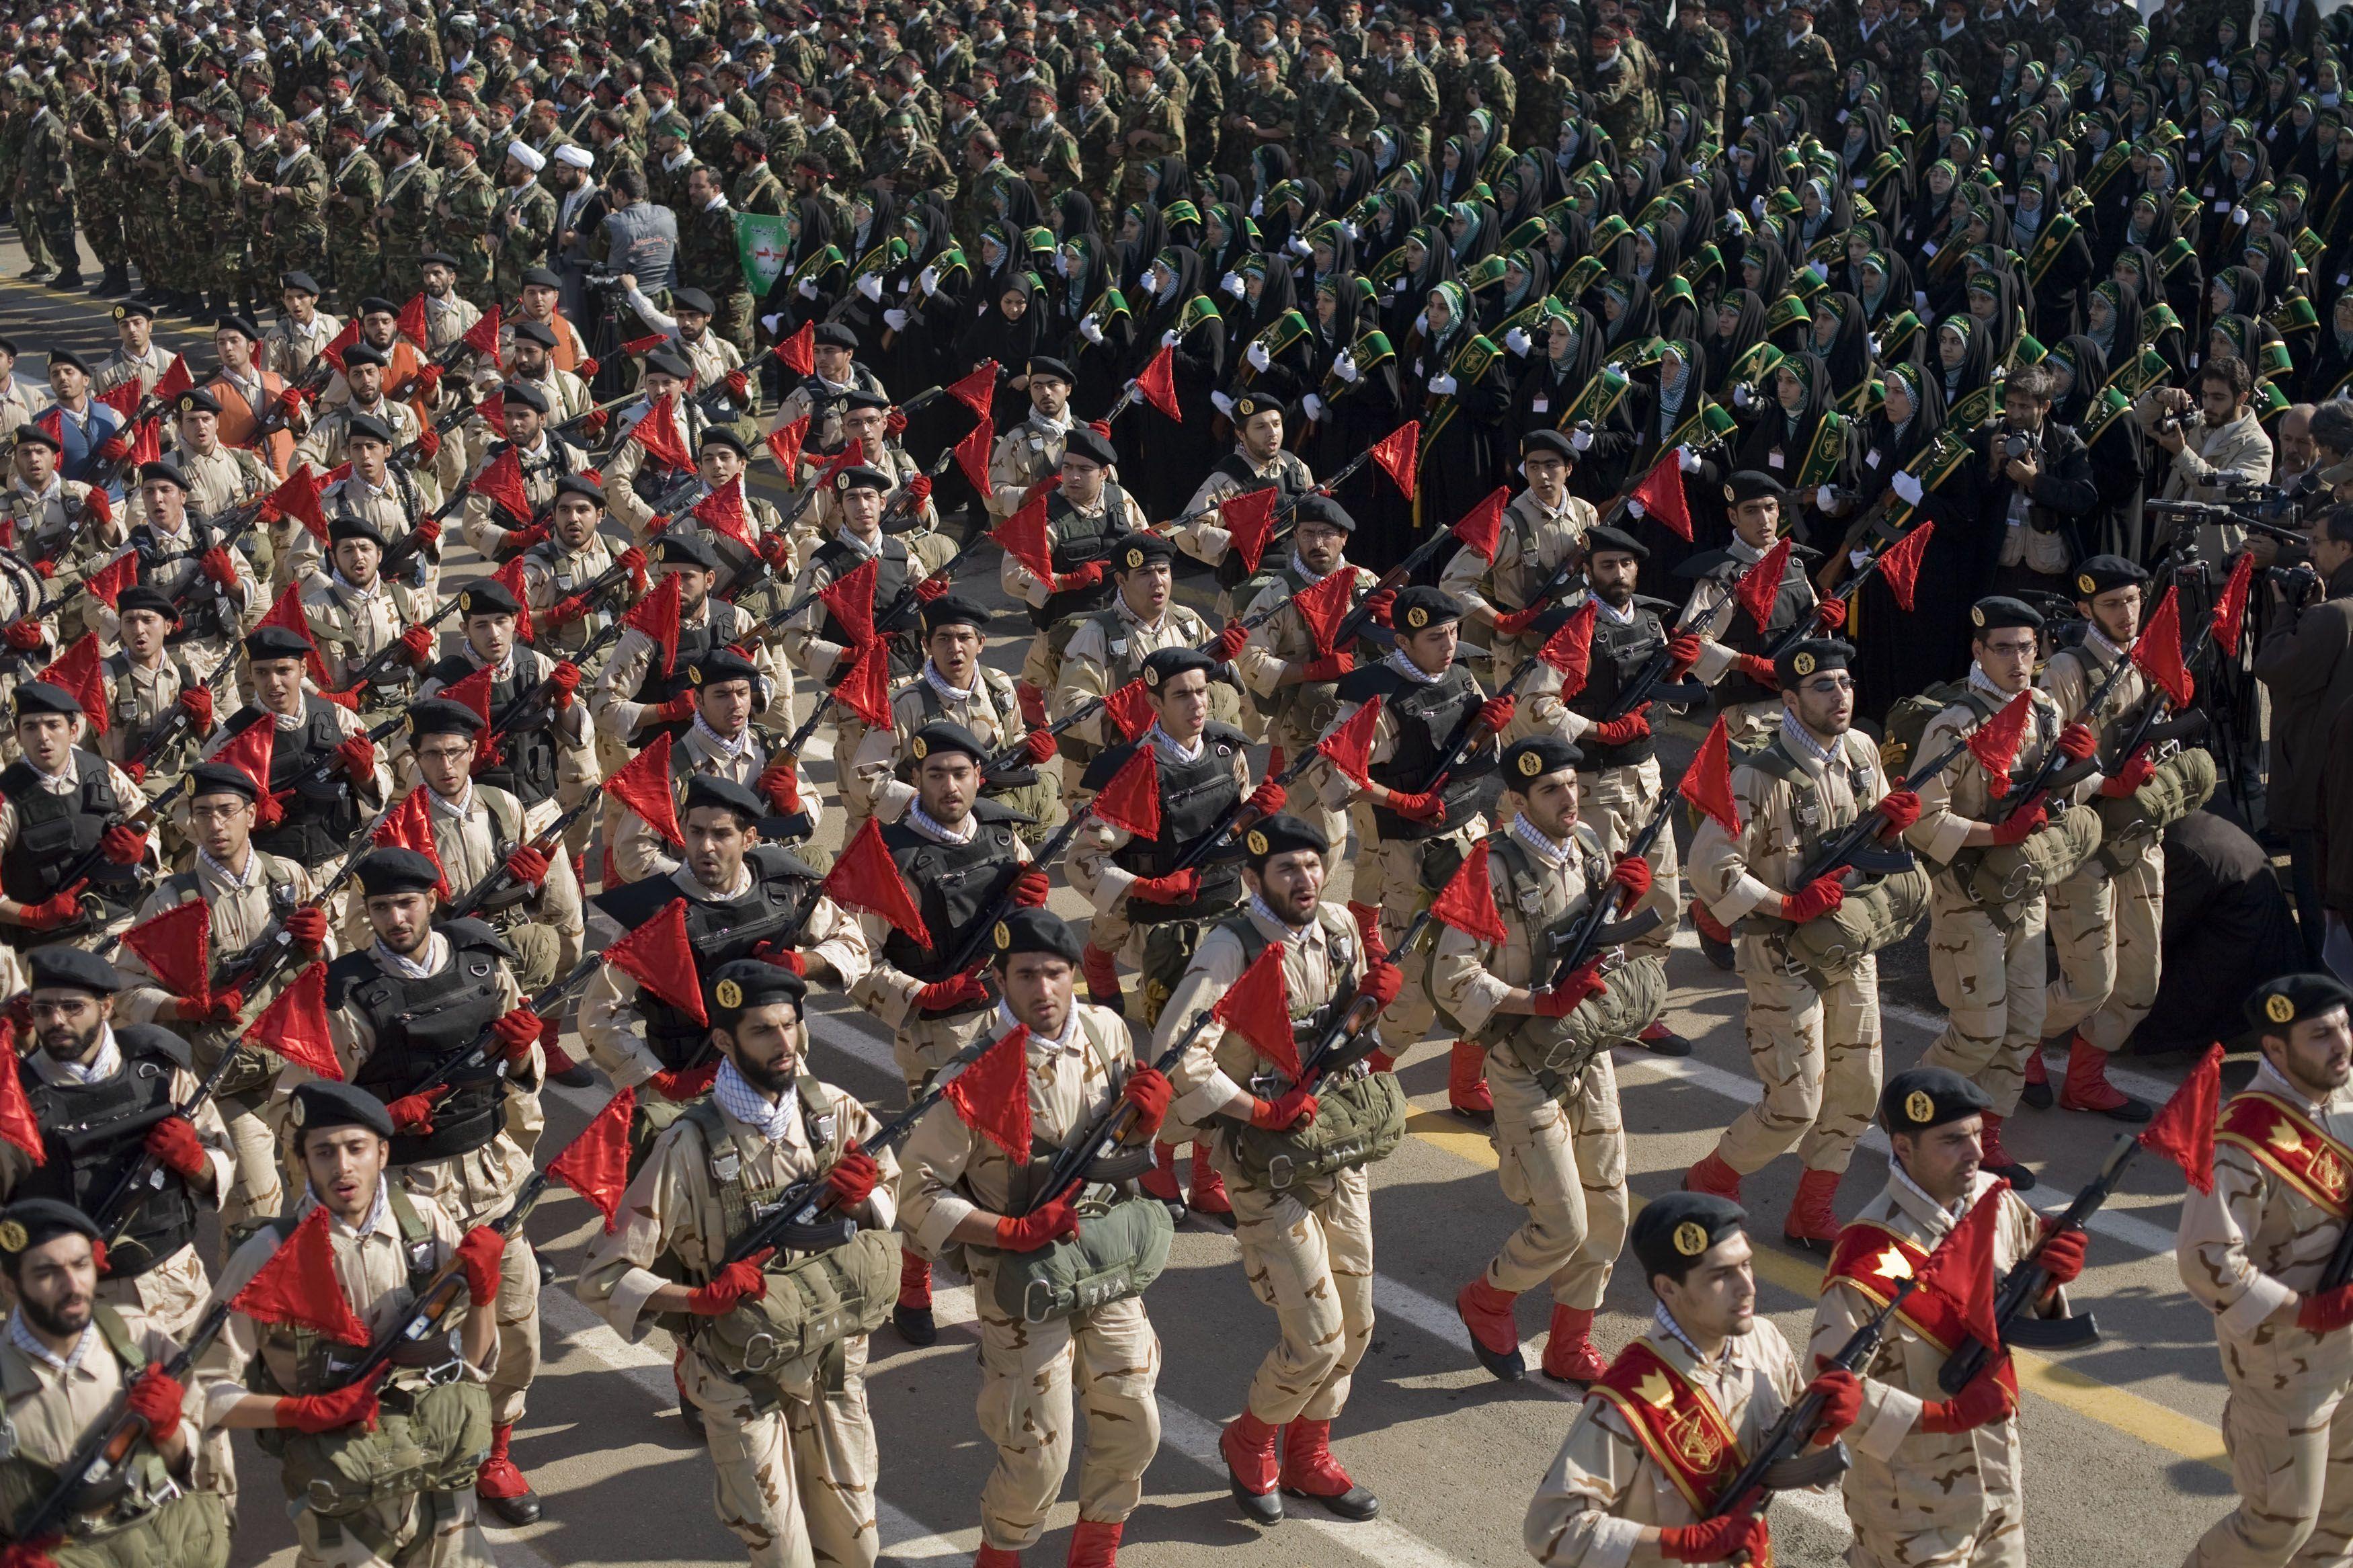 2008-11-25T120000Z_1578106889_GM1E4BP1FF101_RTRMADP_3_IRAN